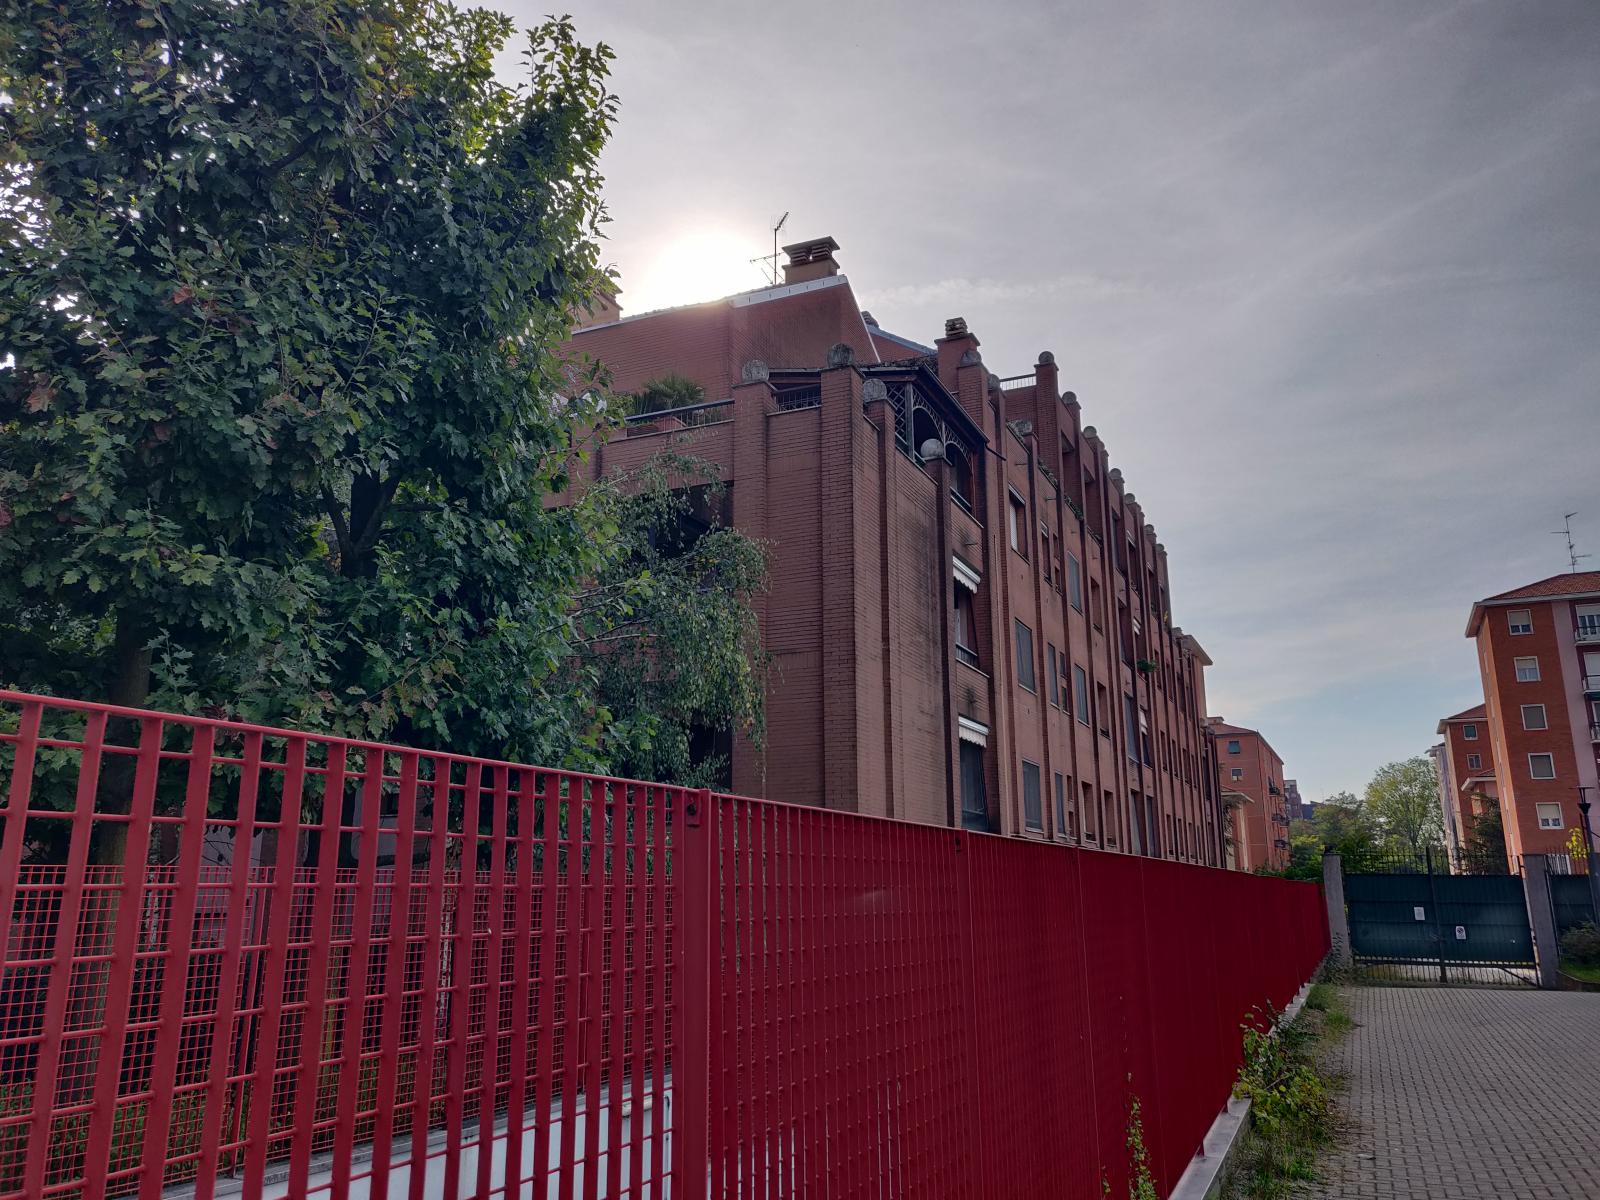 appartamento-3-locali-trilocale-in-vendita-a-milano-san-siro-baggio-forze-armate-spaziourbano-immobiliare-vende-8